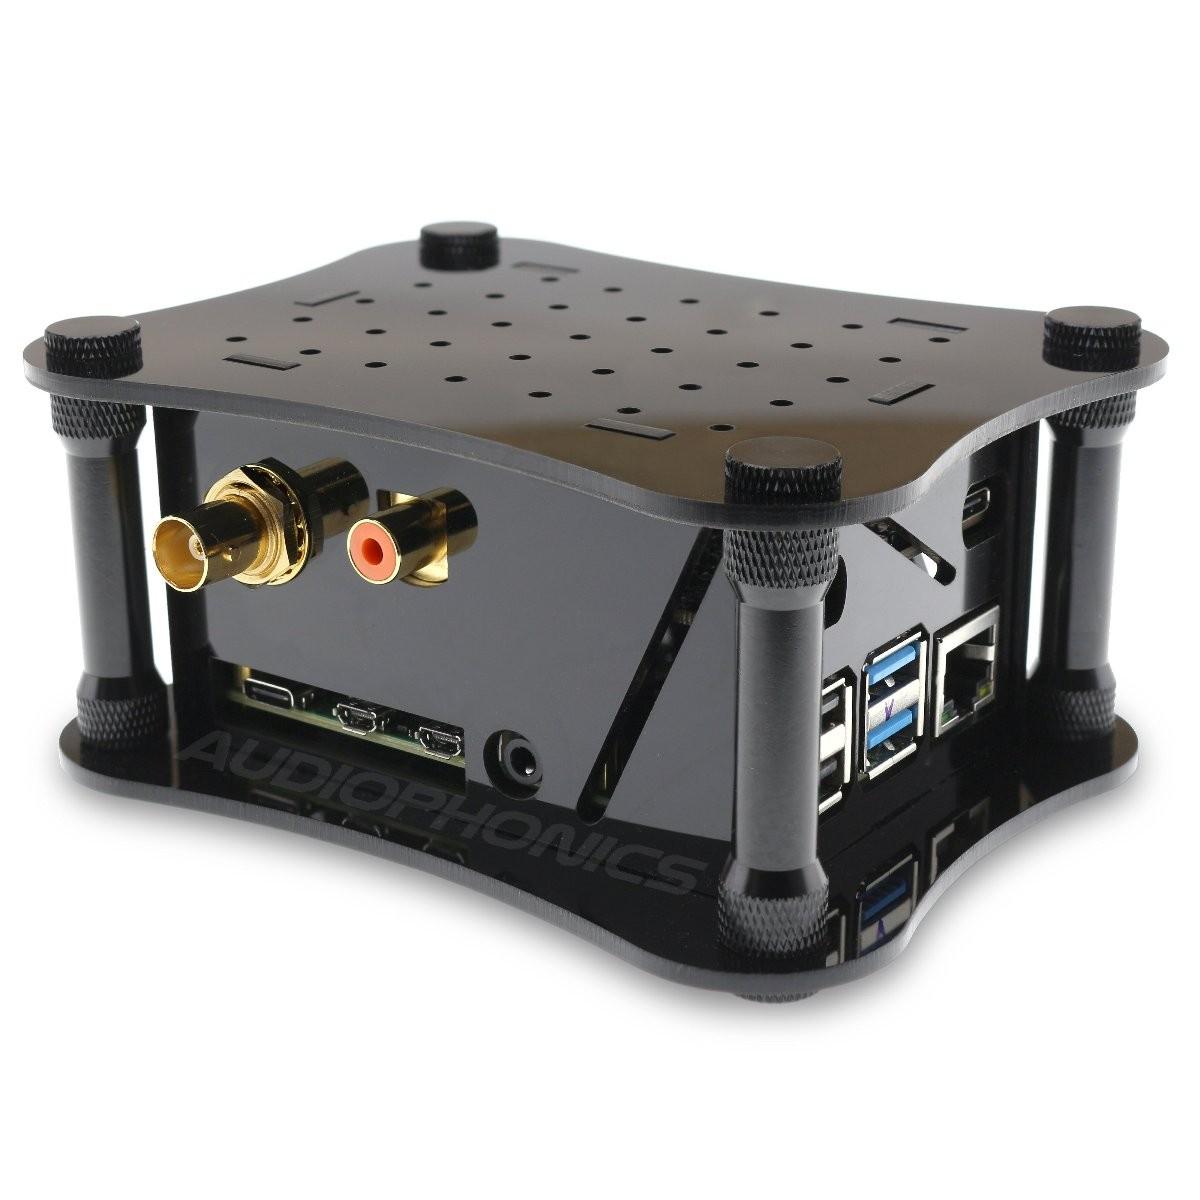 ALLO DIGIONE SIGNATURE Lecteur réseau Raspberry Pi 4 DigiOne Signature DietPi pré-installé Noir